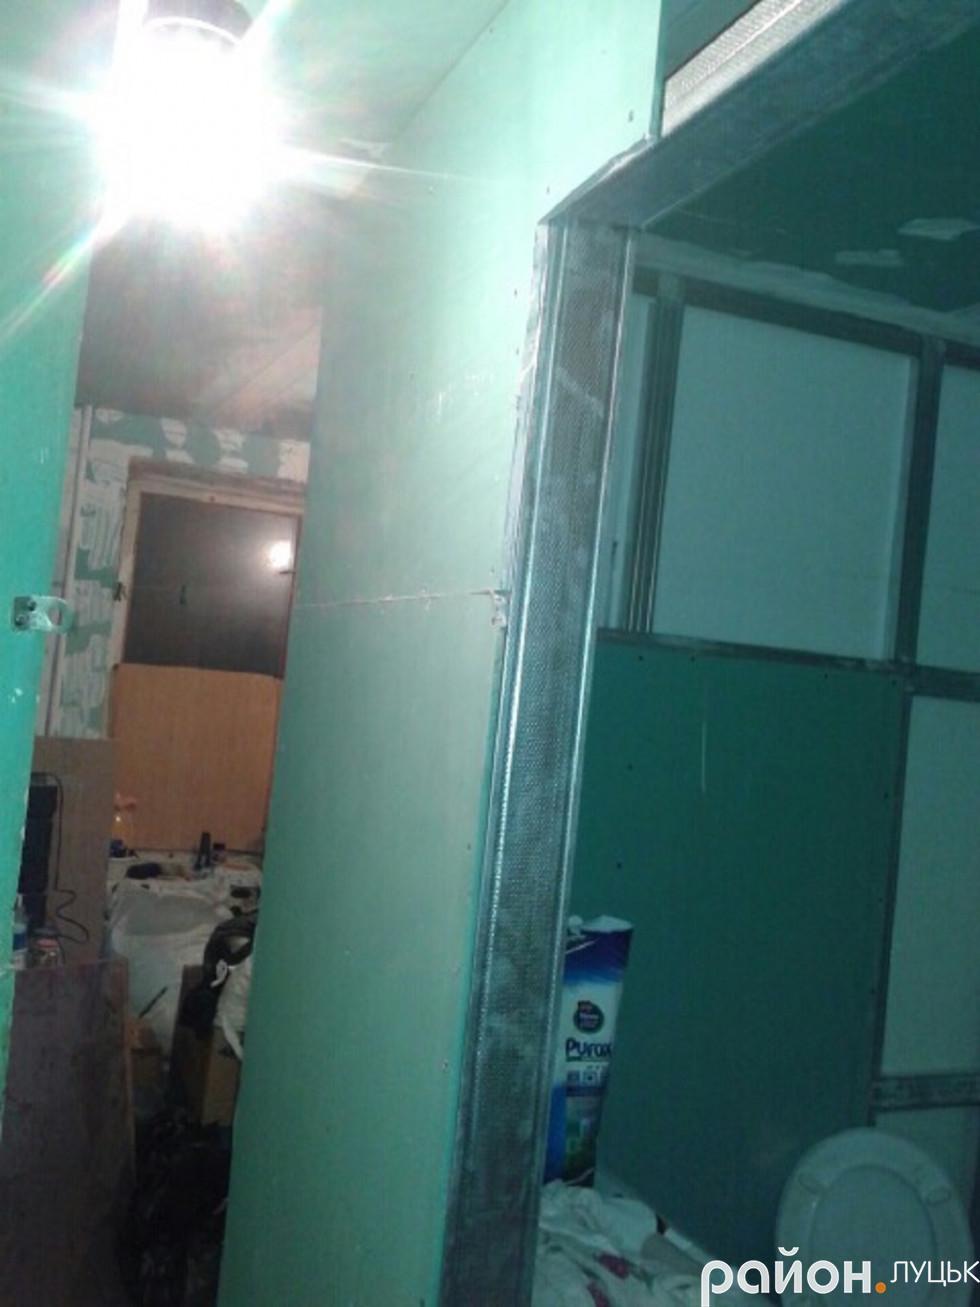 Туалет загального користування після реконструкції, проведеної сім'єю Данилюків